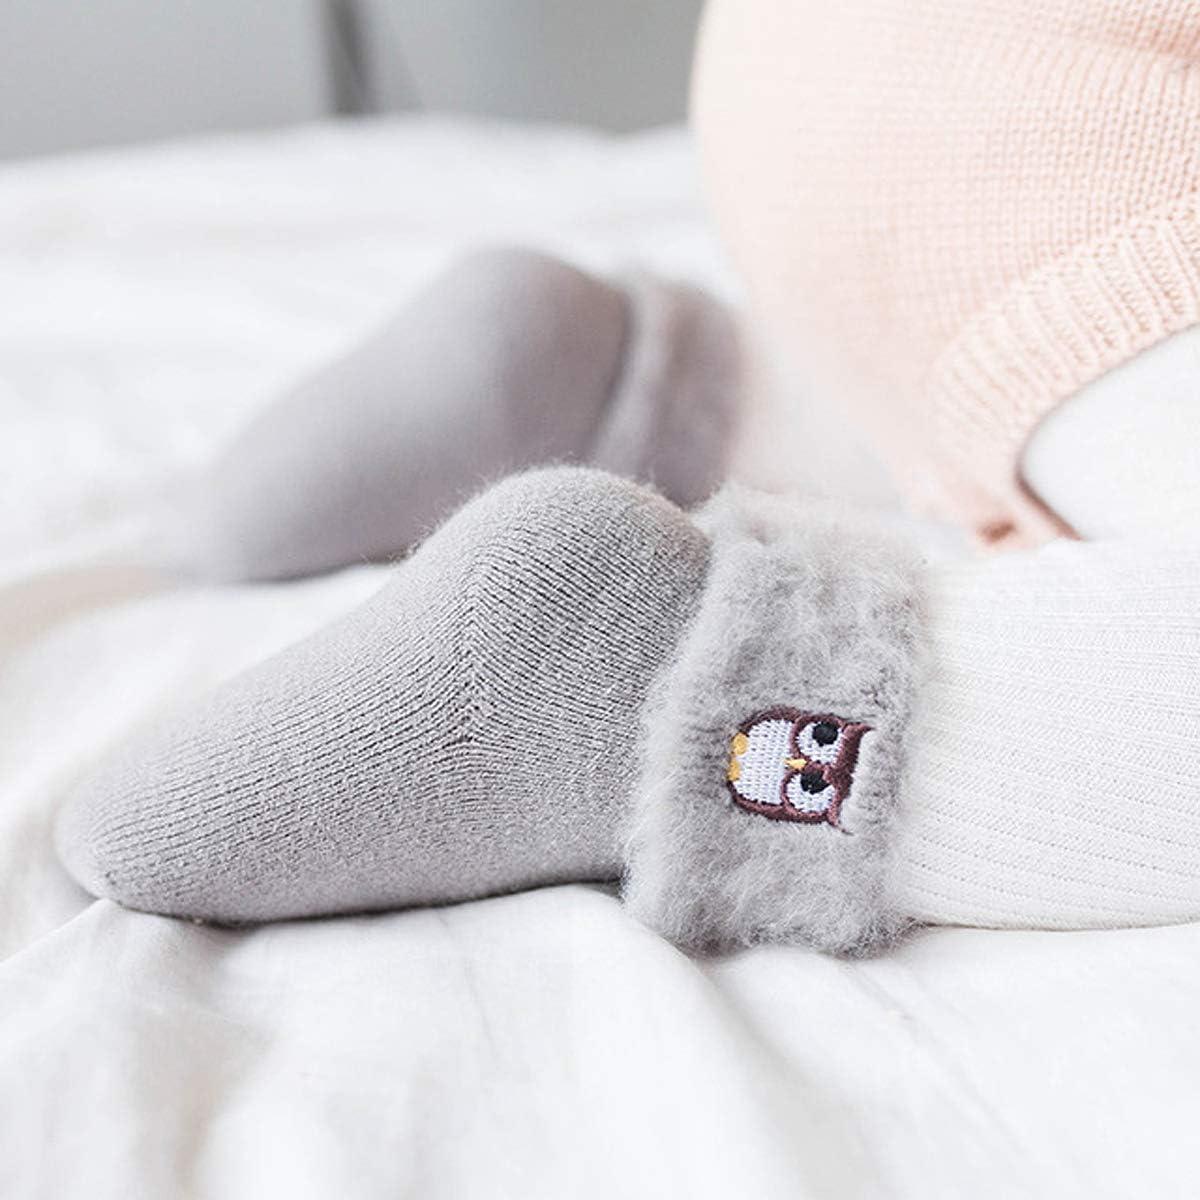 Adorel Chaussettes Chaudes Hiver Coton B/éb/é Fille Lot de 4